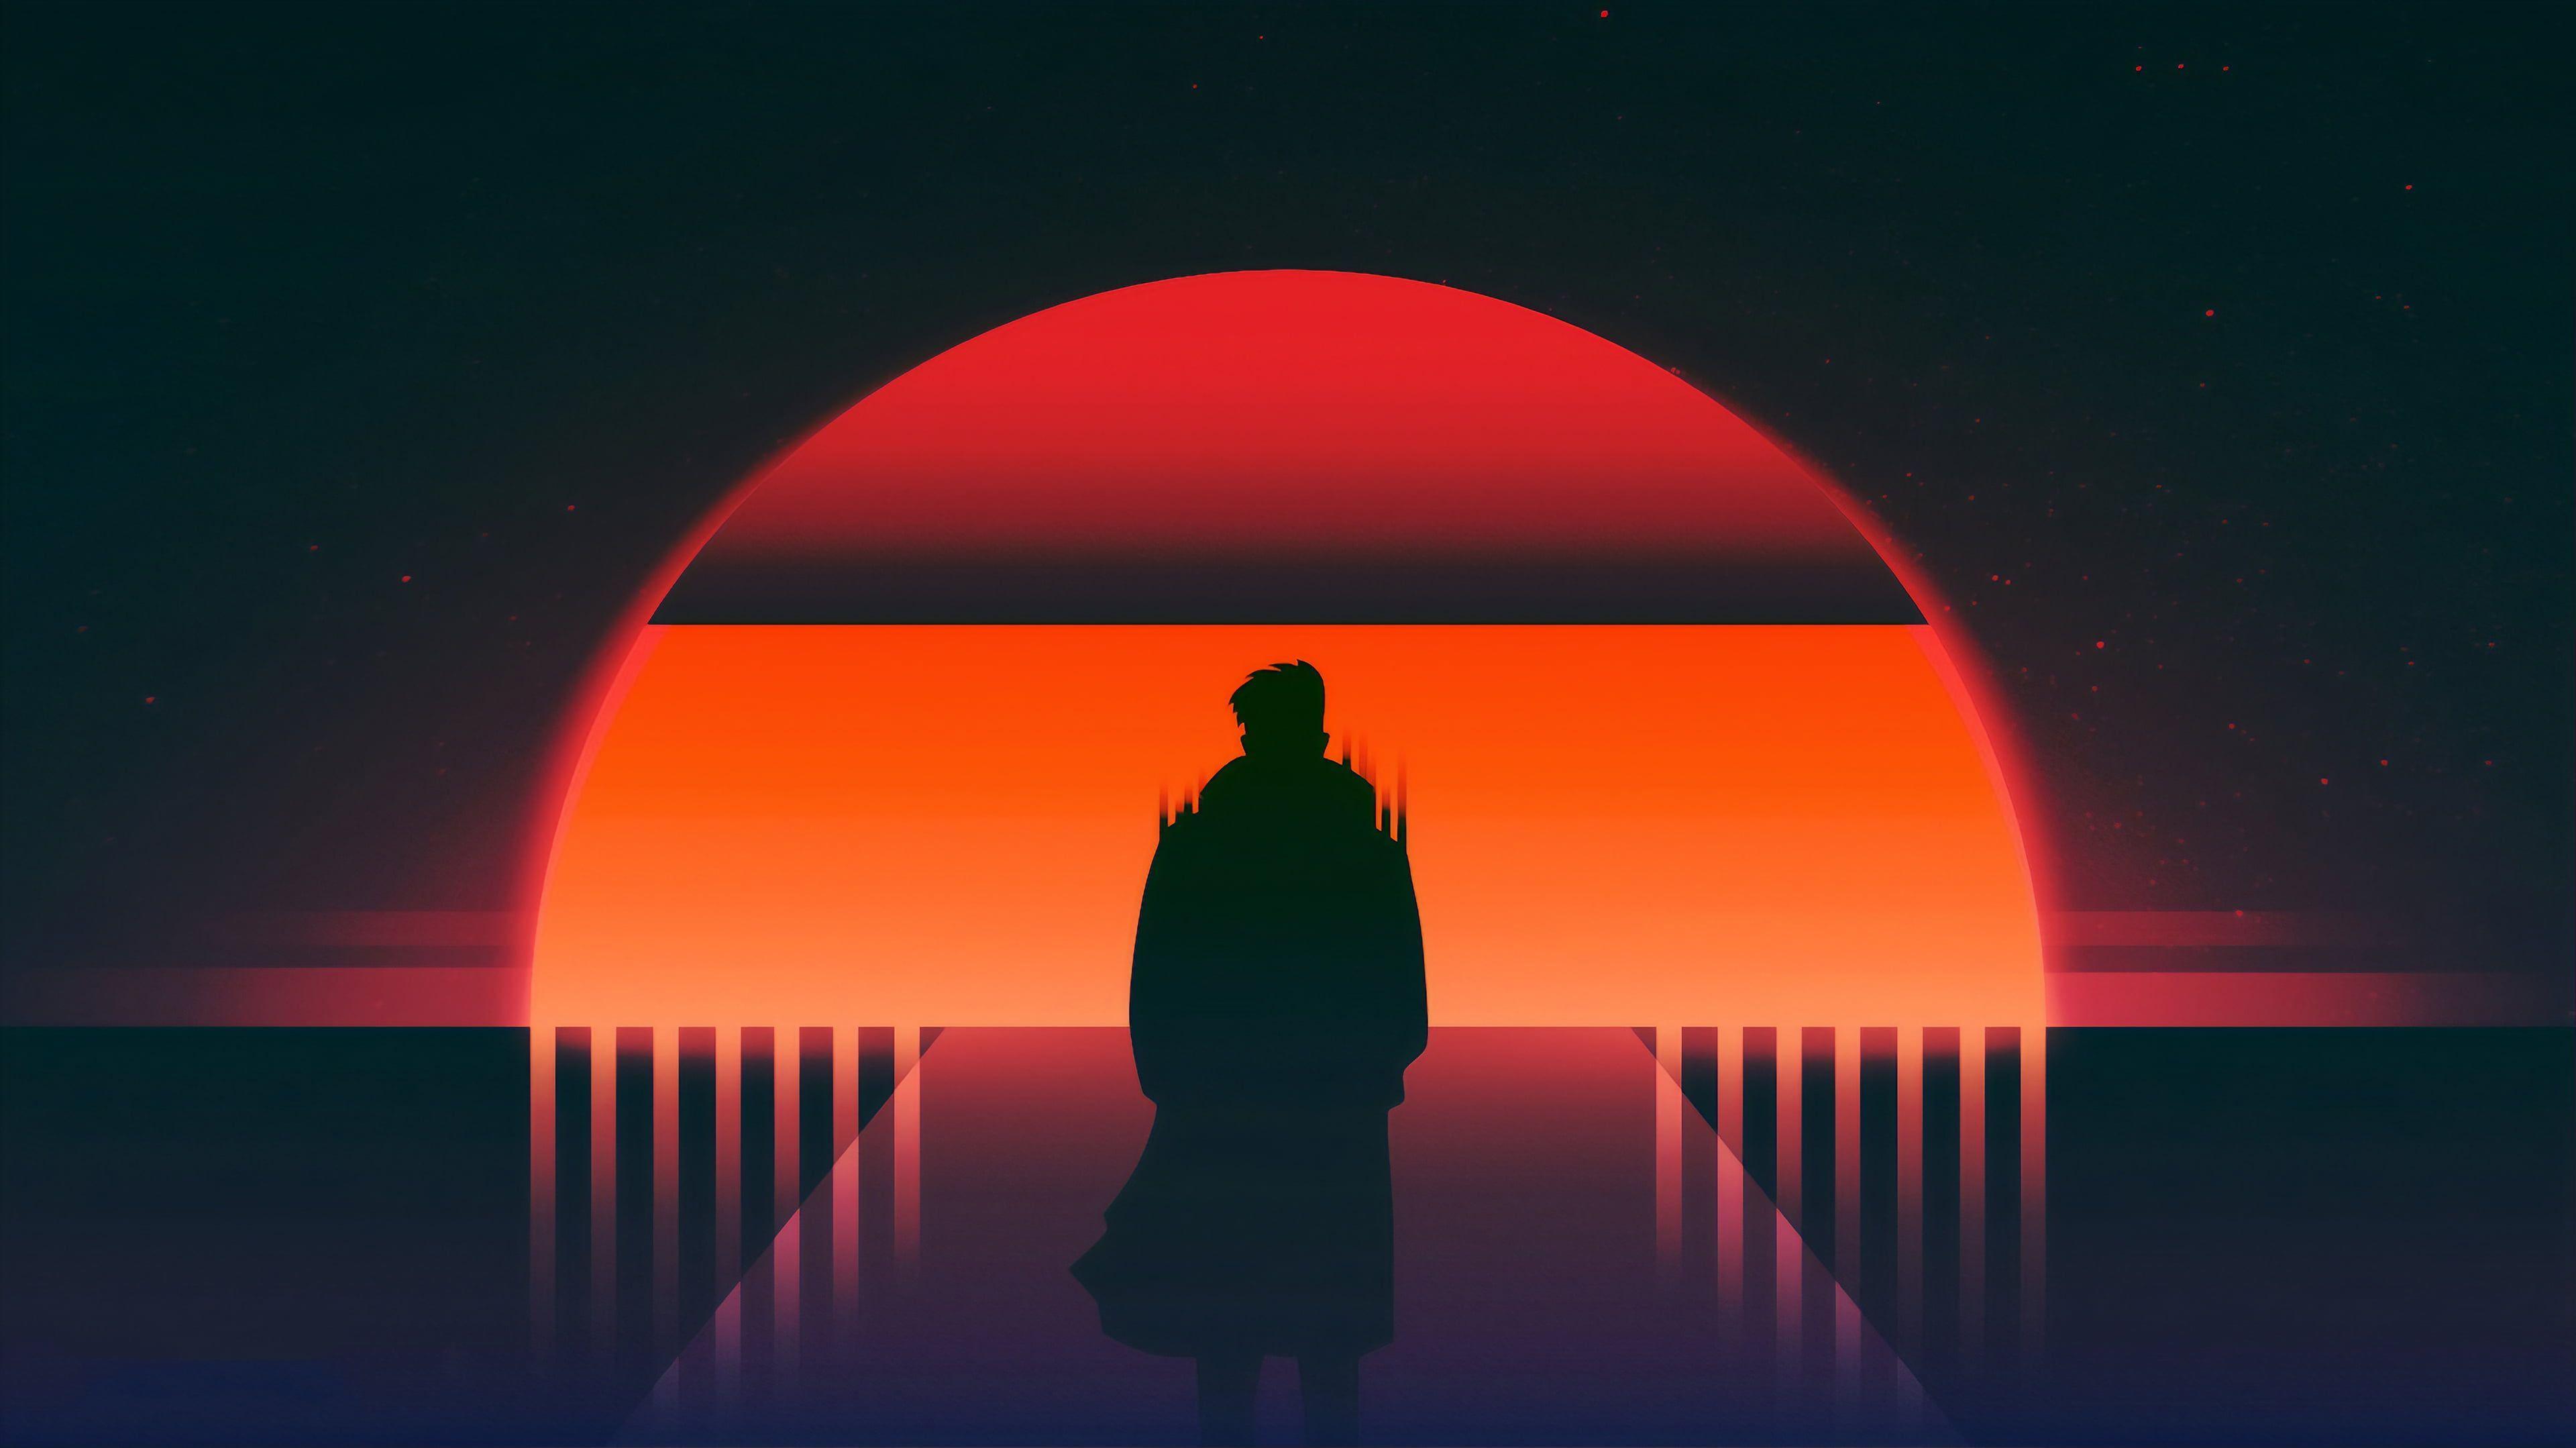 vaporwave sunset #vaporwave, 2020